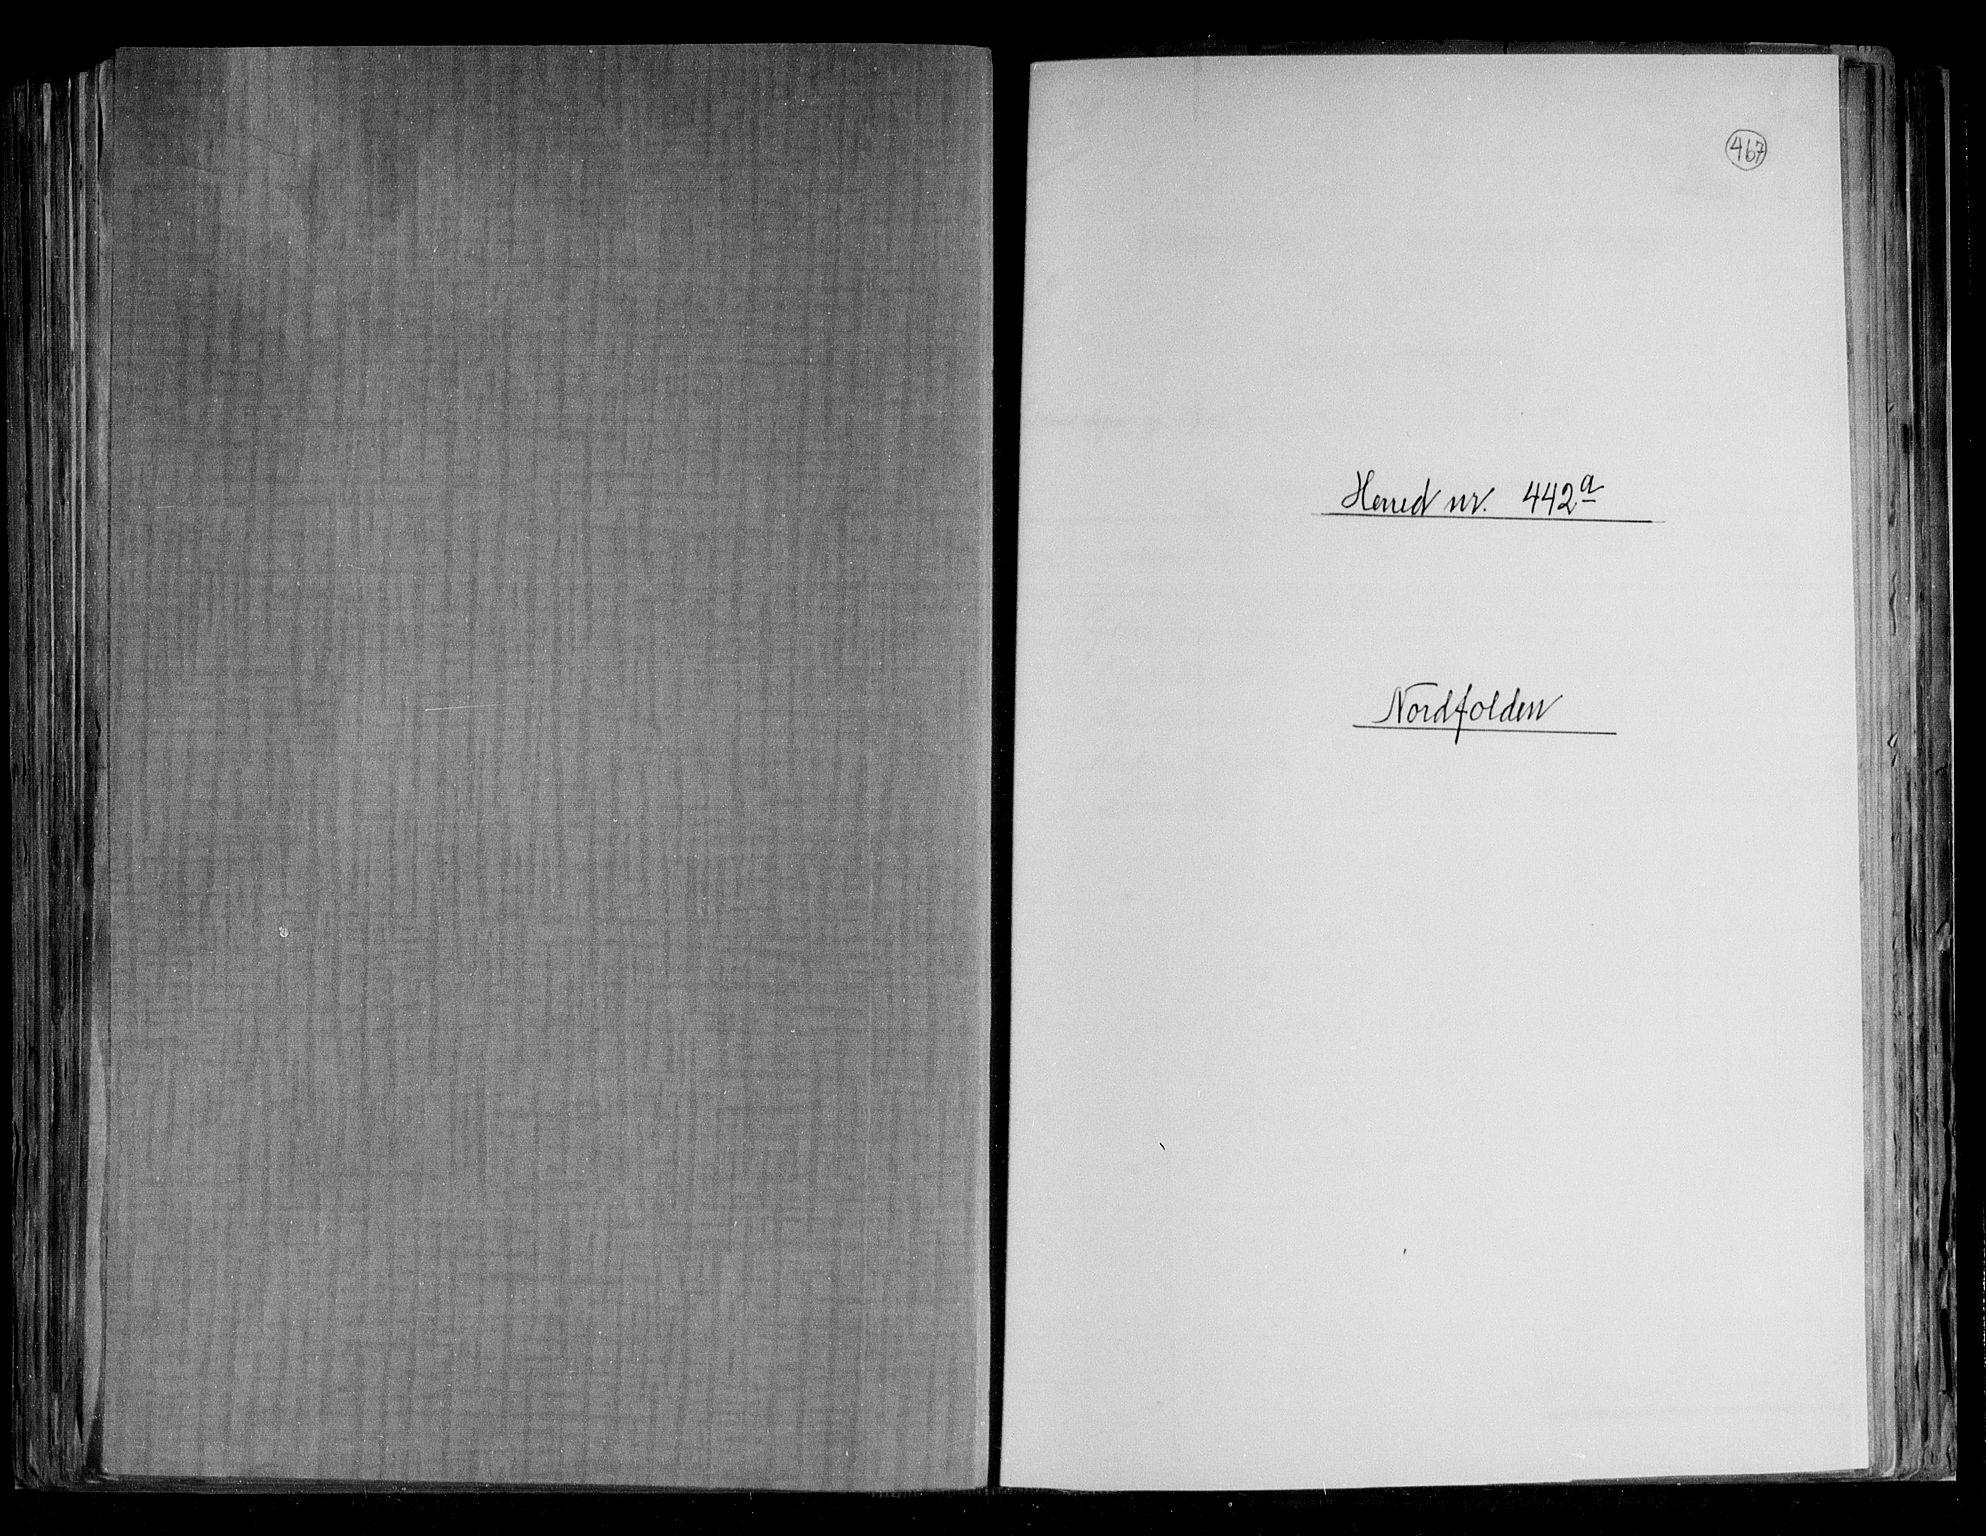 RA, Folketelling 1891 for 1846 Nordfold-Kjerringøy herred, 1891, s. 1